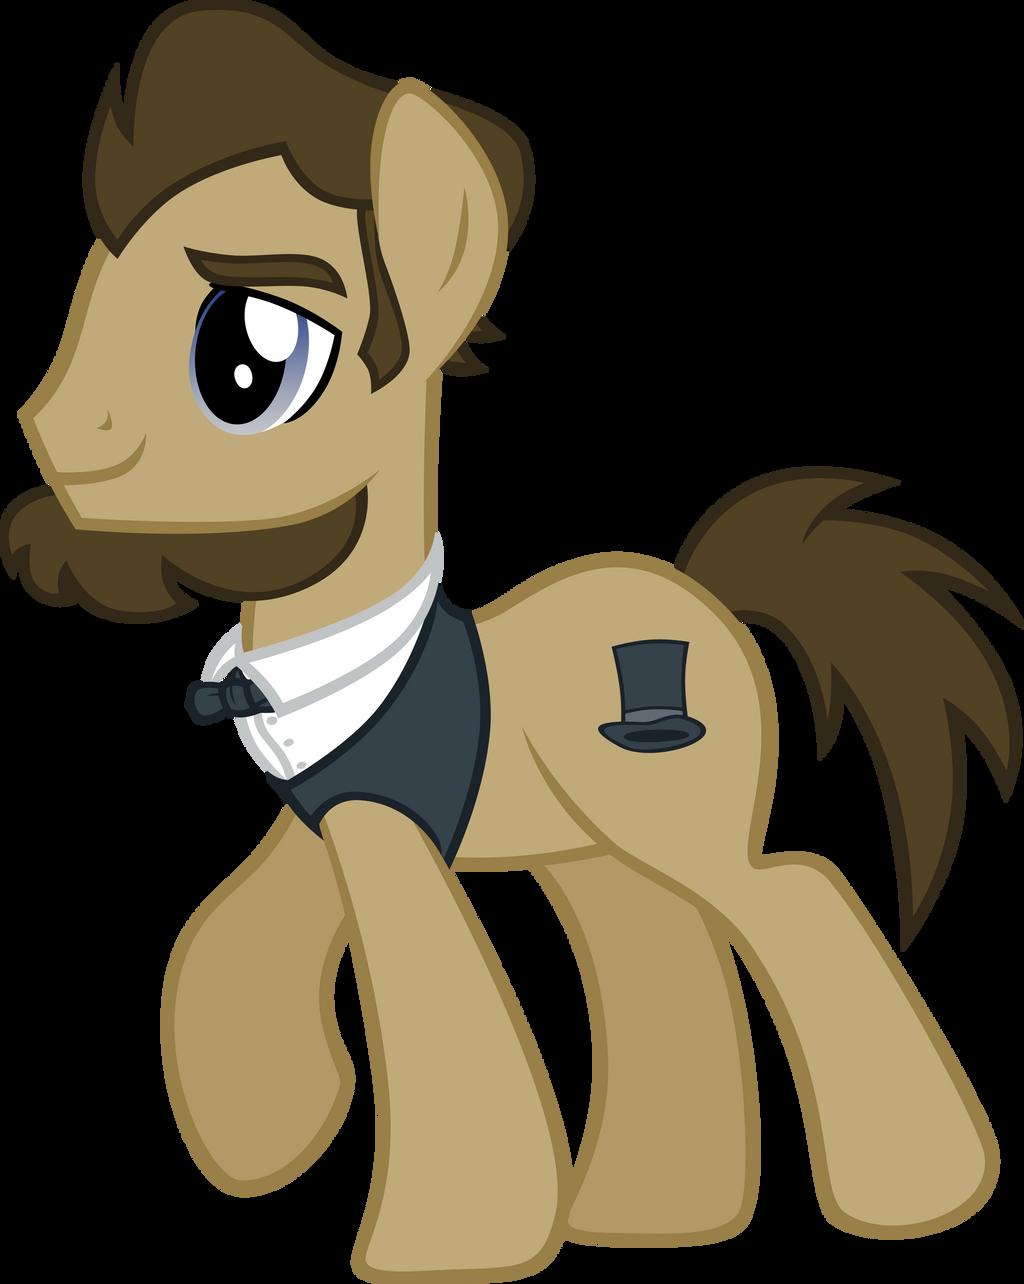 Lincoln Pony by elegantmisreader